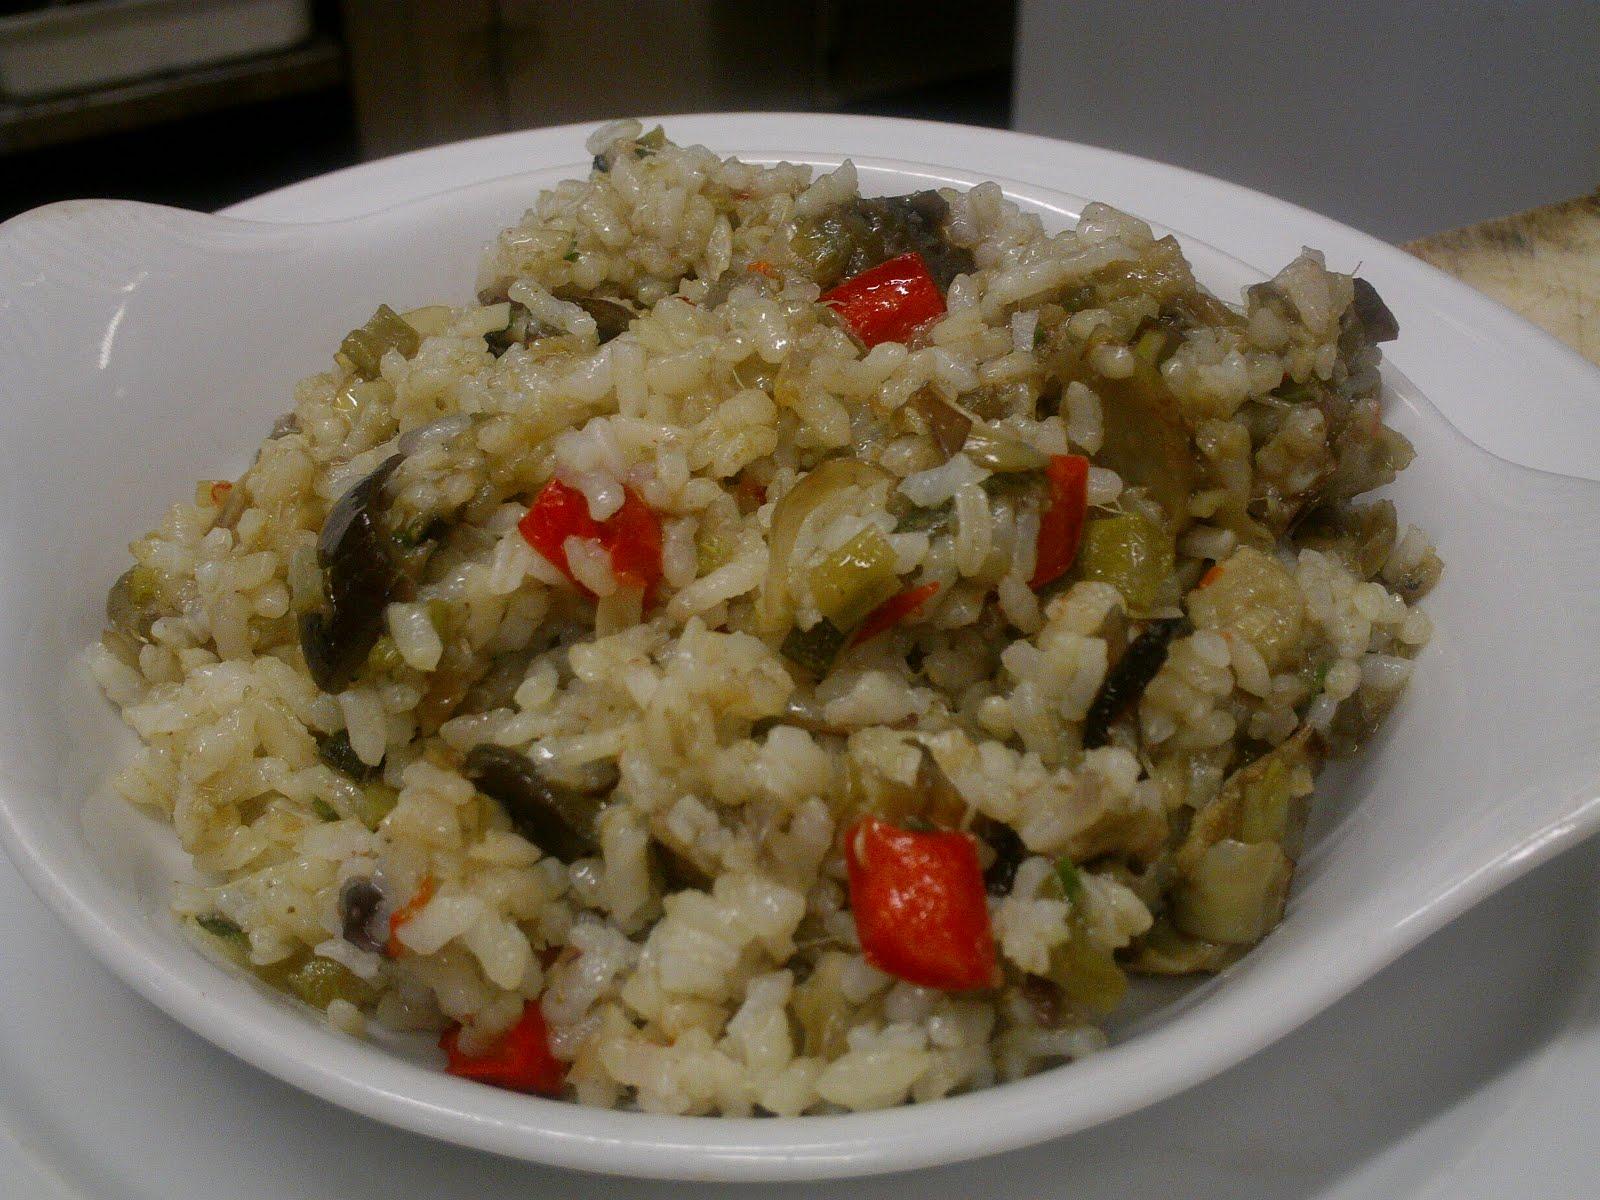 Receta de Arroz pilaf con verduras